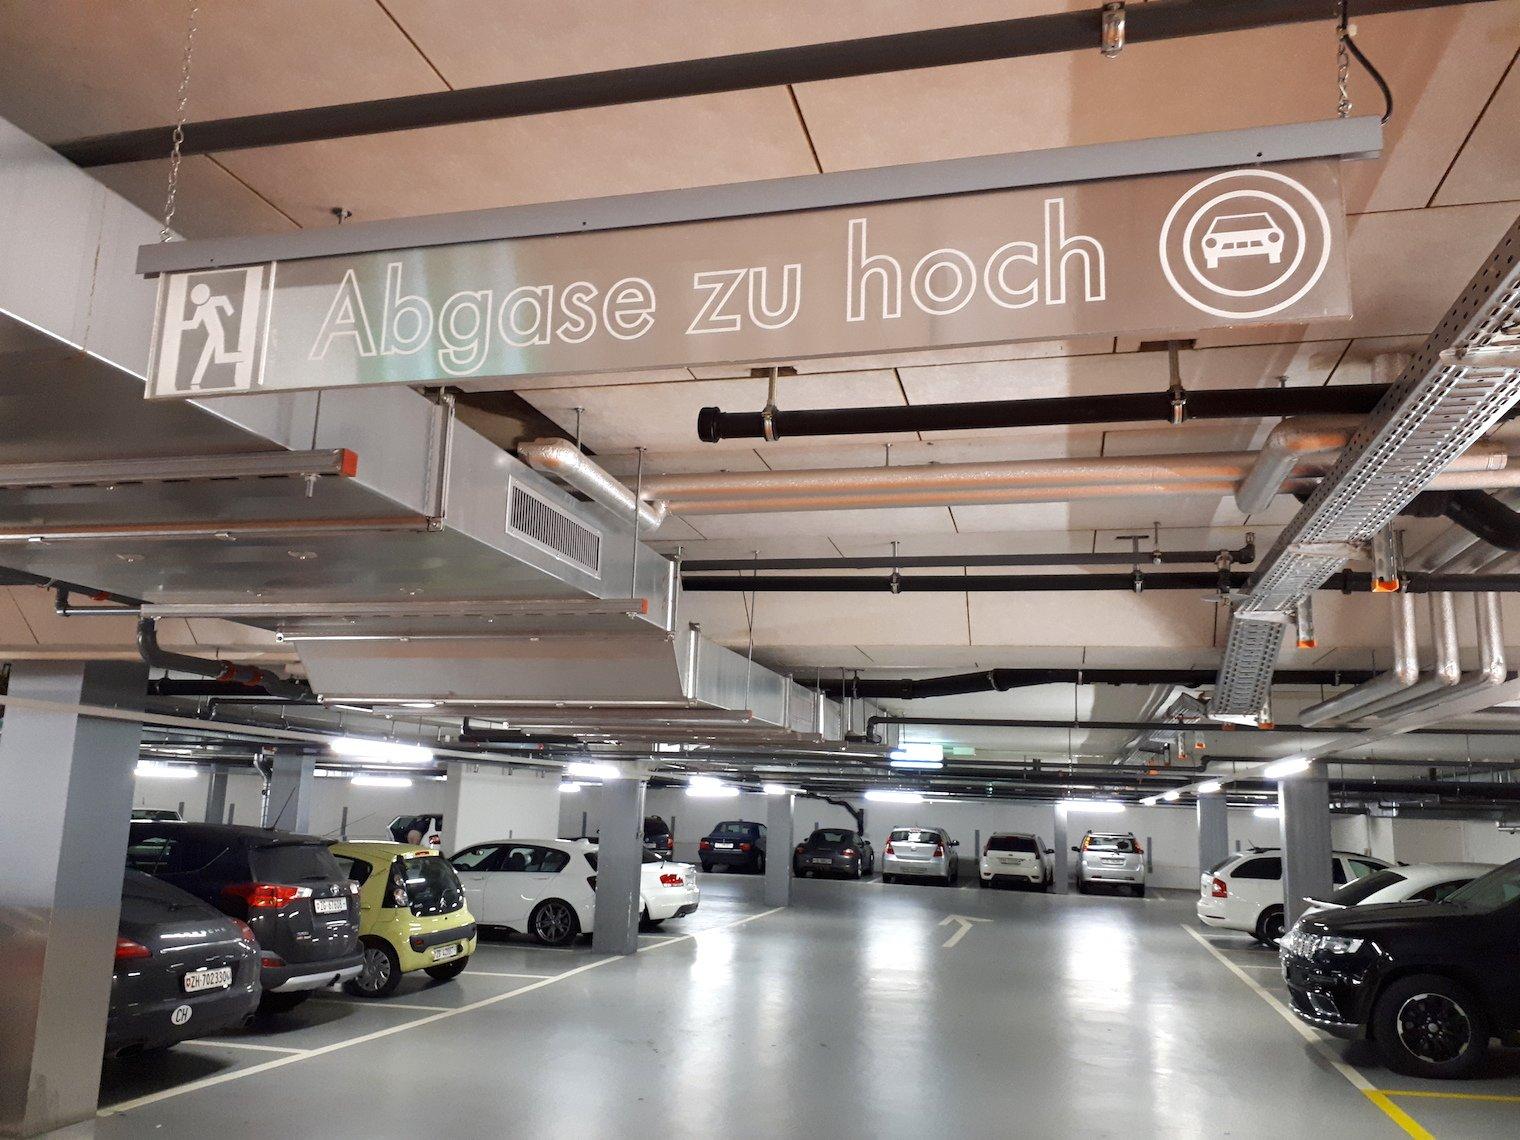 Erstaunlich günstig: Parking am Bundesplatz.